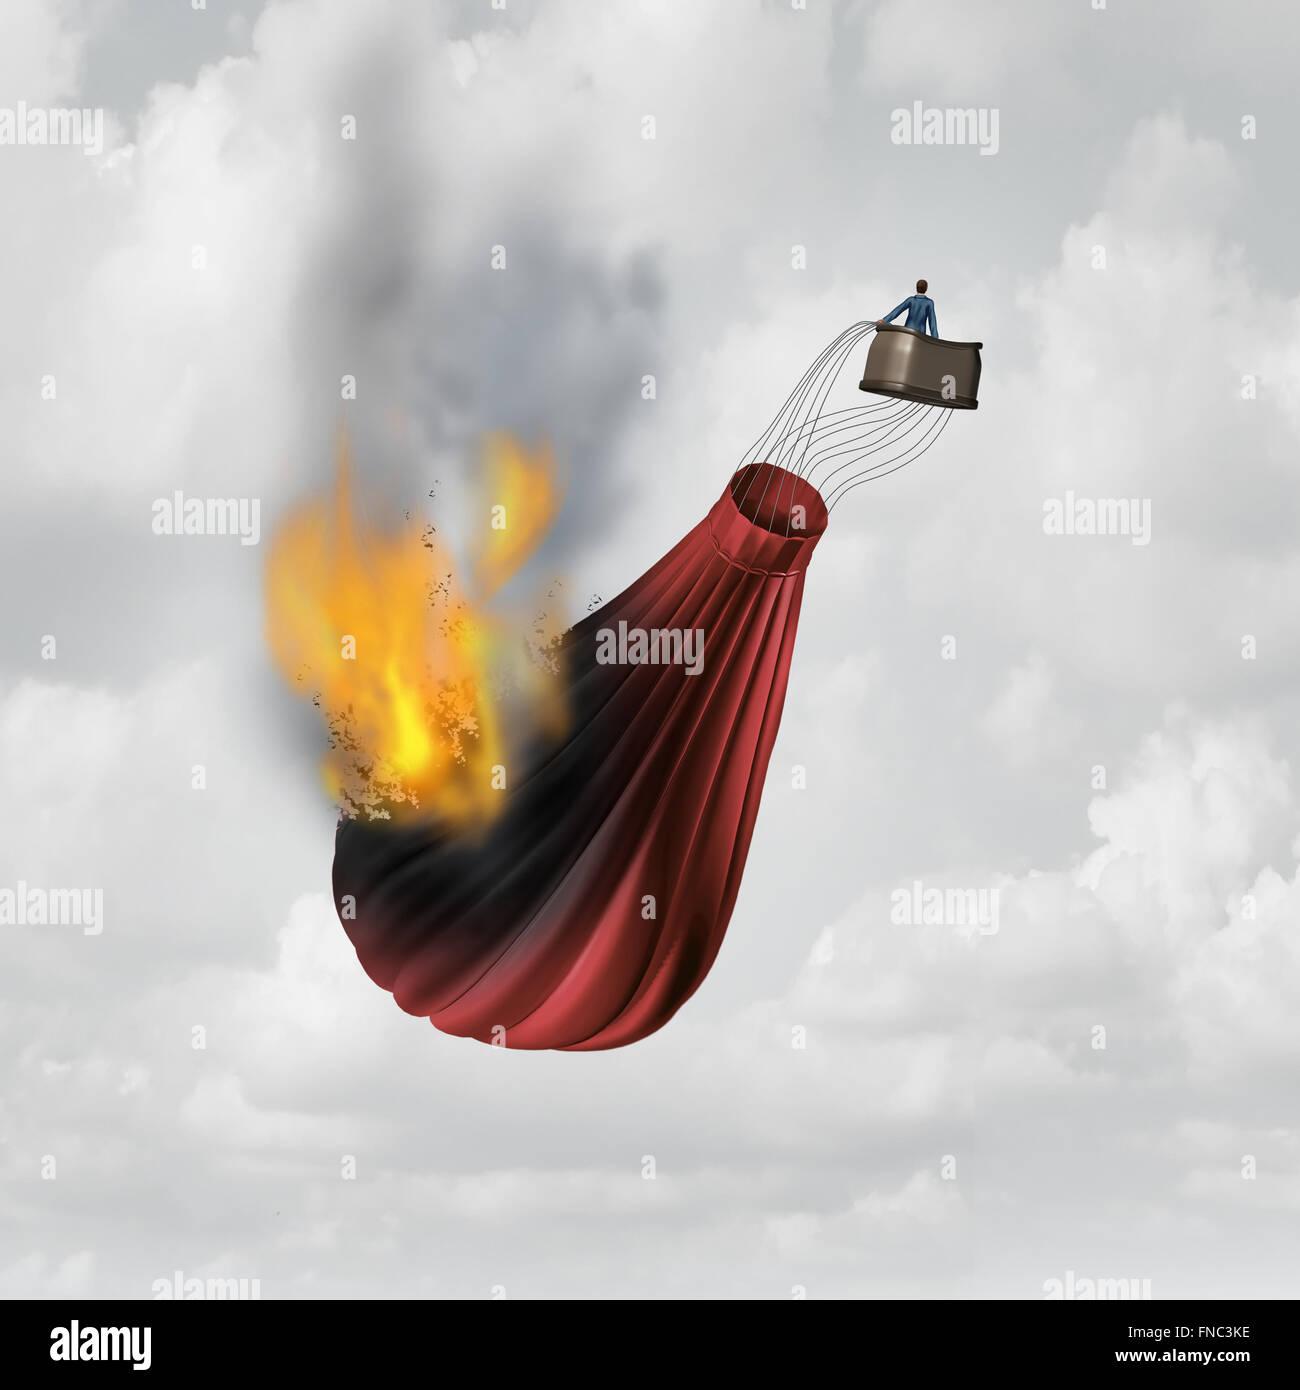 Business il concetto di emergenza e il problema finanziario simbolo come un imprenditore in un ardente che rientrano Immagini Stock